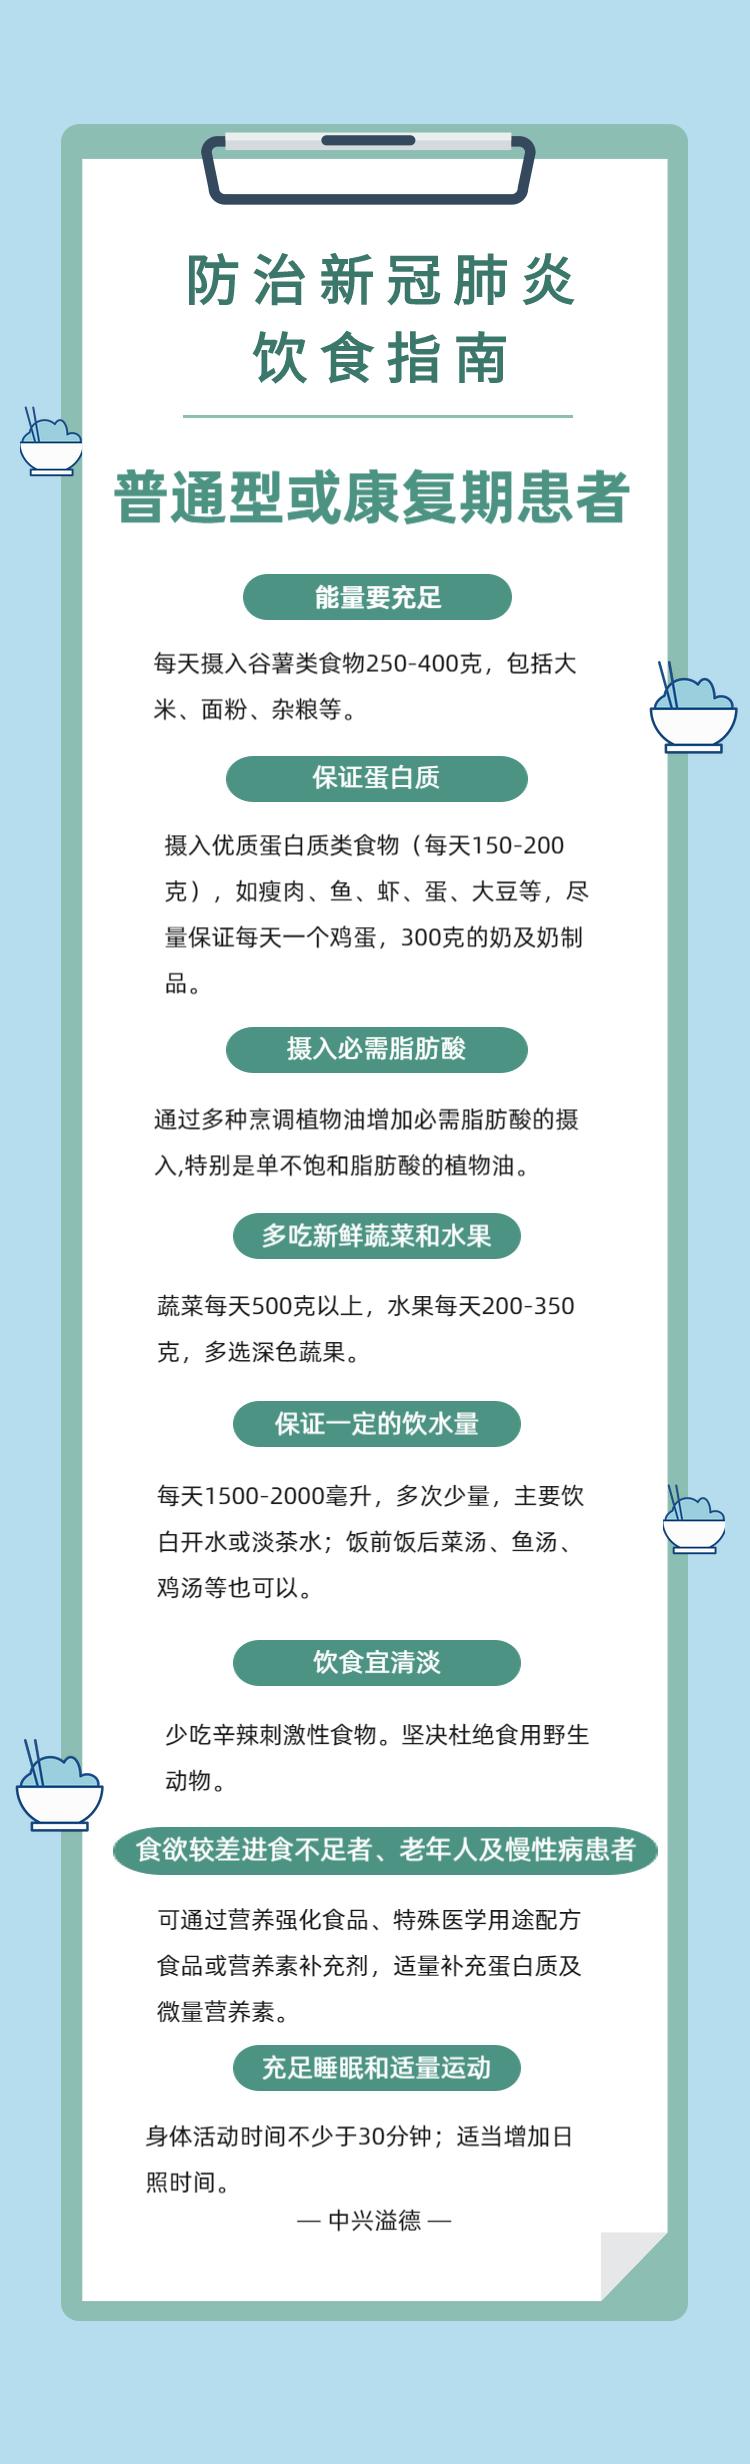 防治新冠肺炎饮食指南-4